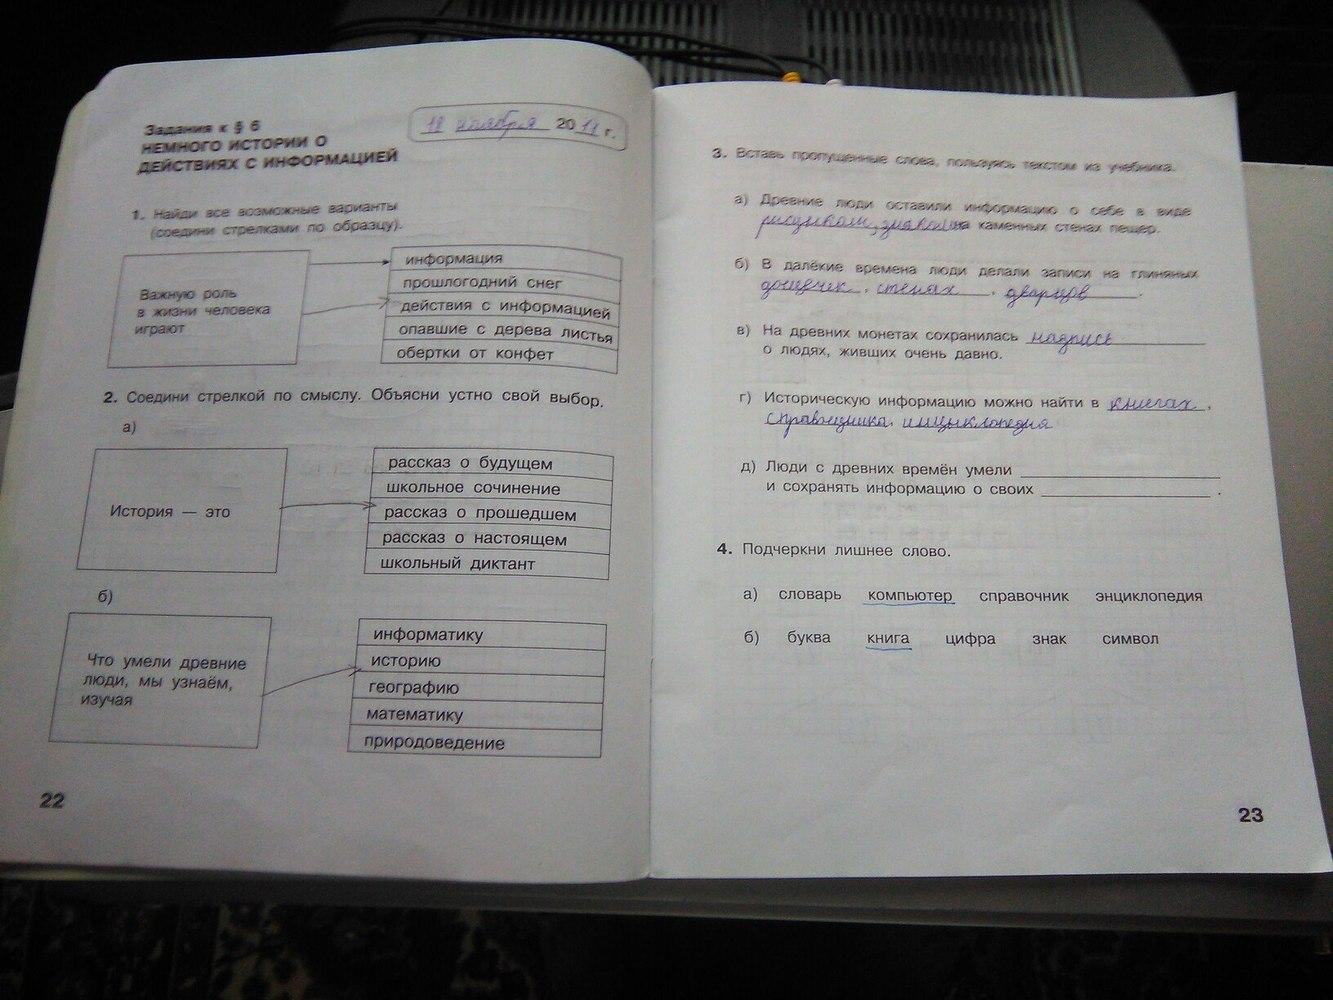 решебник по информатике 3 класс тетрадь